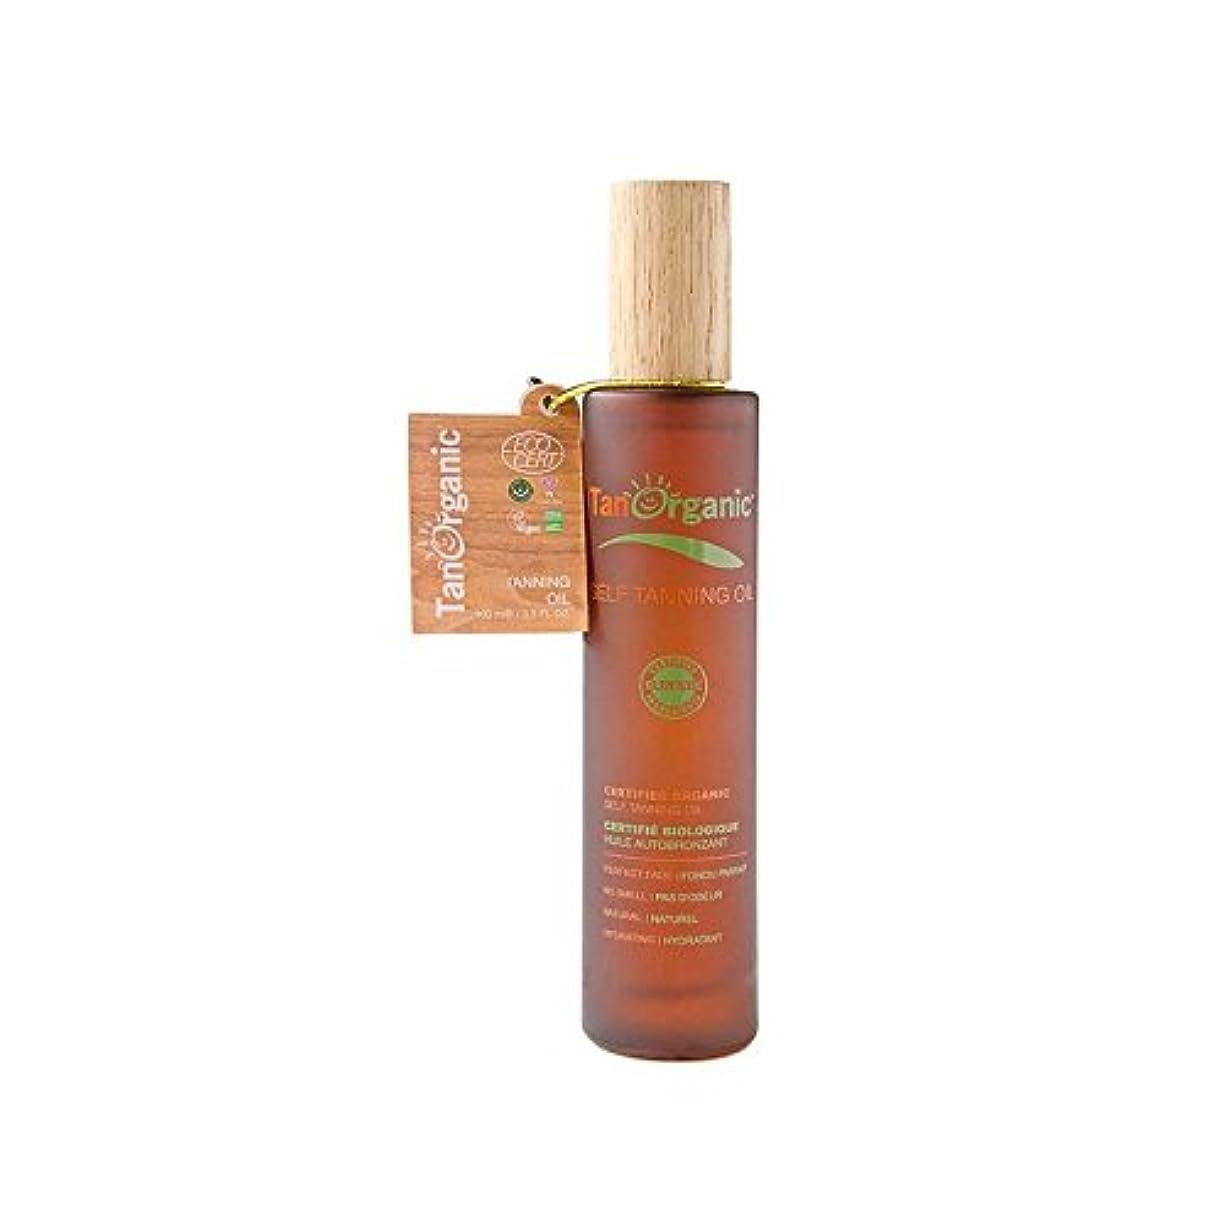 ハブ尽きる抽象Tanorganic自己日焼け顔&ボディオイル (Tan Organic) (x 6) - TanOrganic Self-Tan Face & Body Oil (Pack of 6) [並行輸入品]